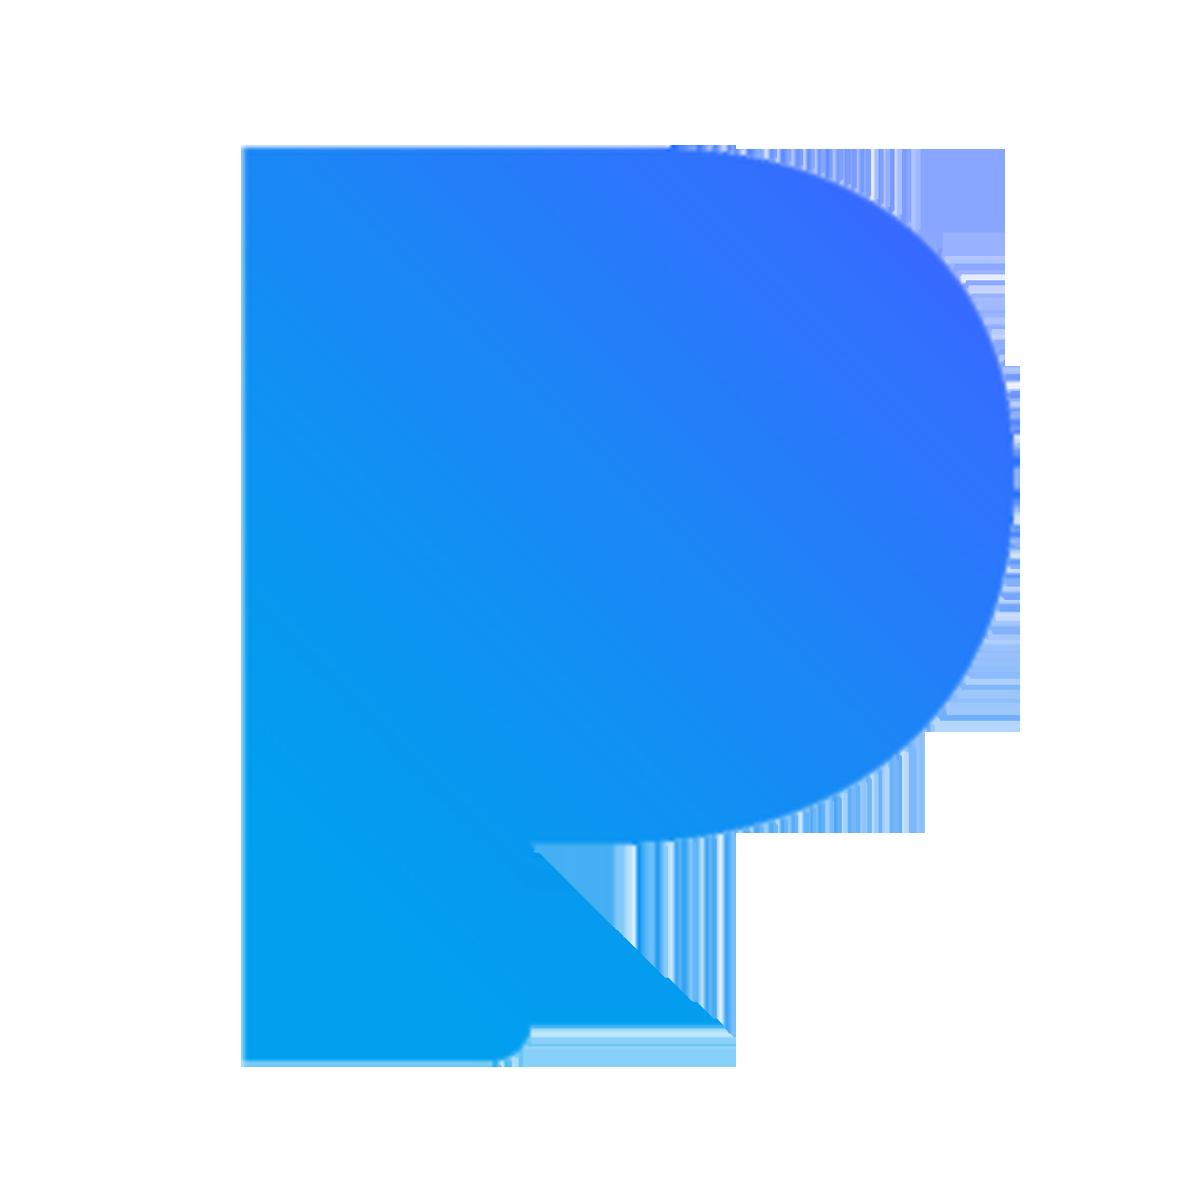 pandora-radio-logo-png-6 (1).png